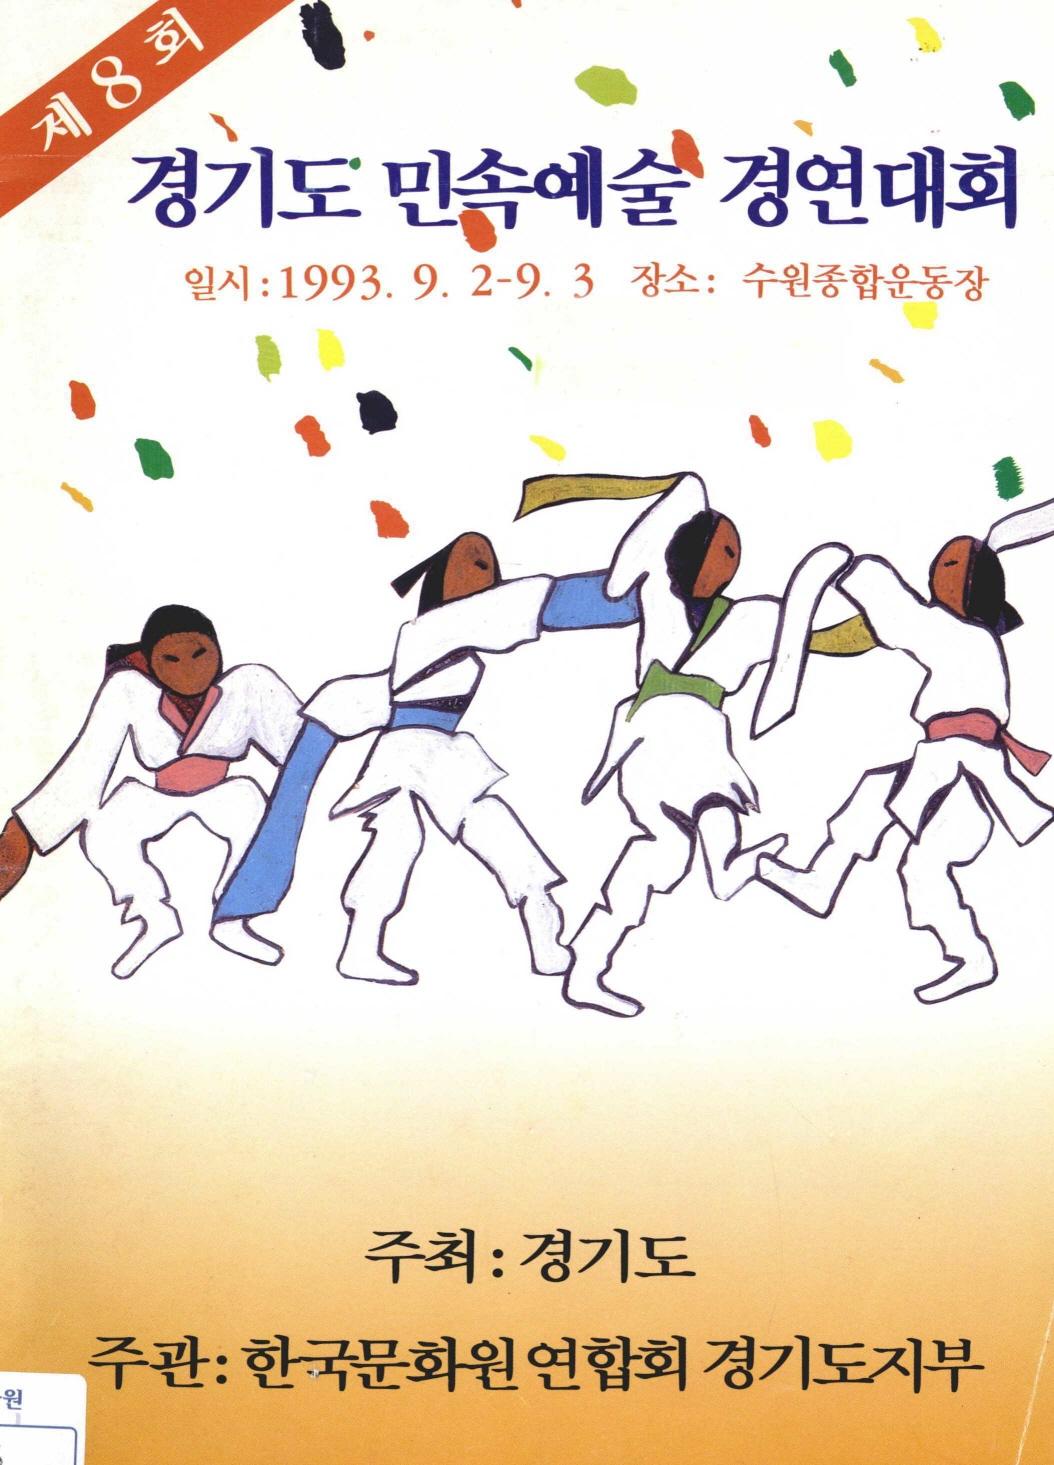 제8회 경기도 민속예술 경연대회